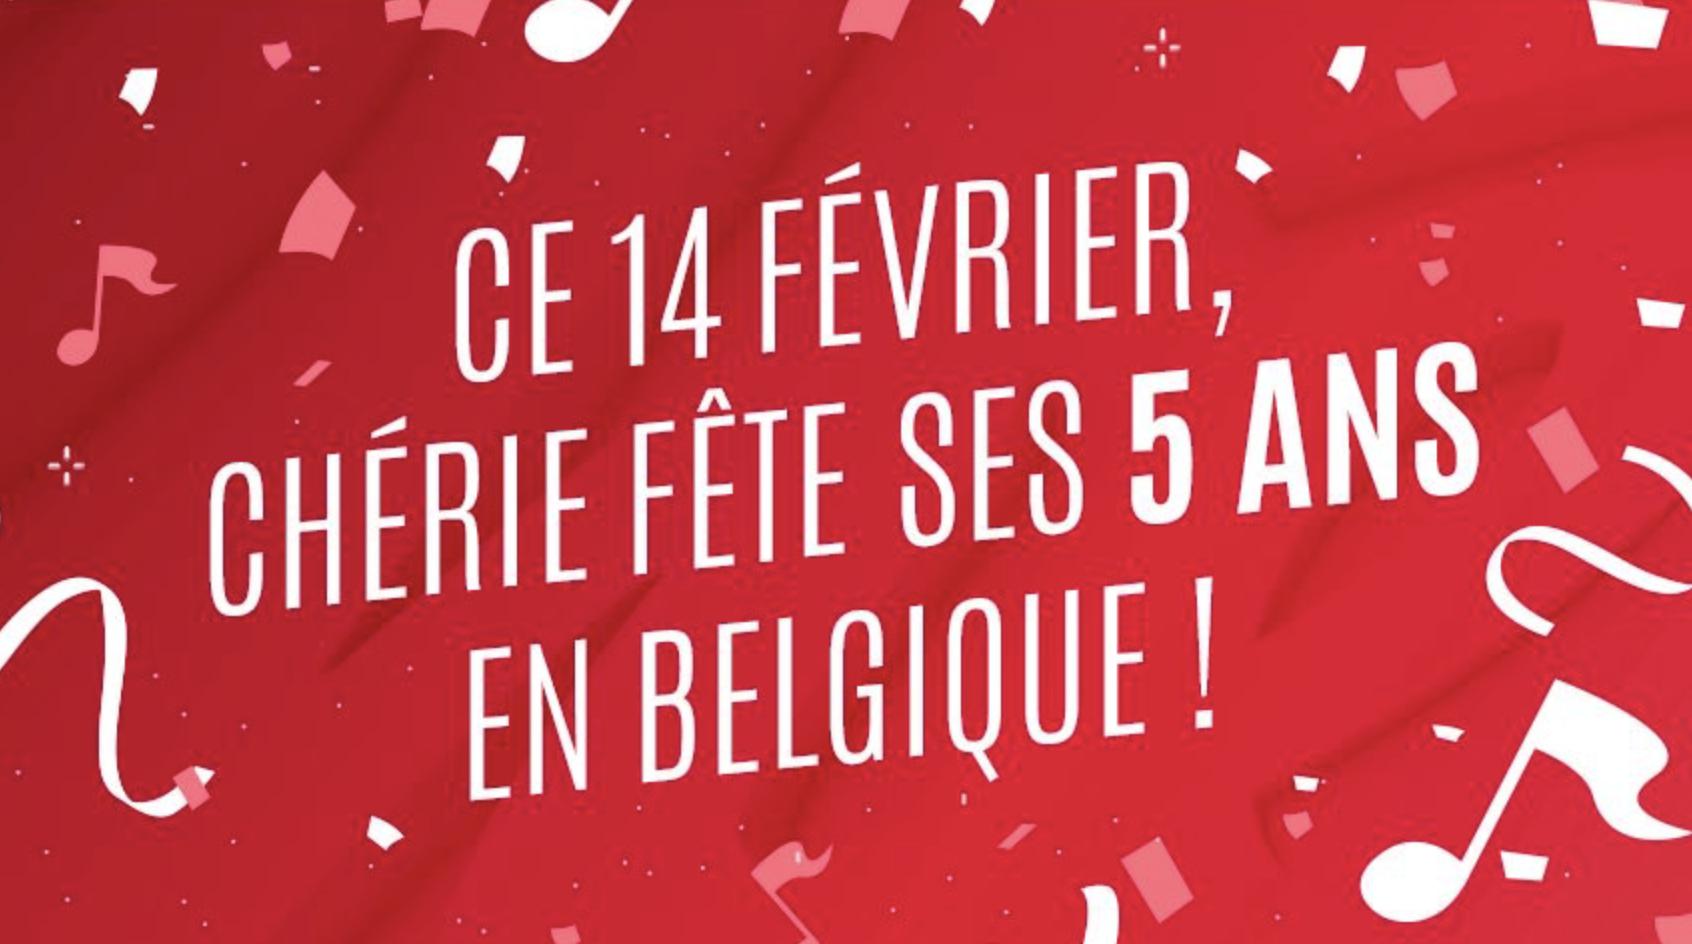 Belgique : Chérie fête son anniversaire